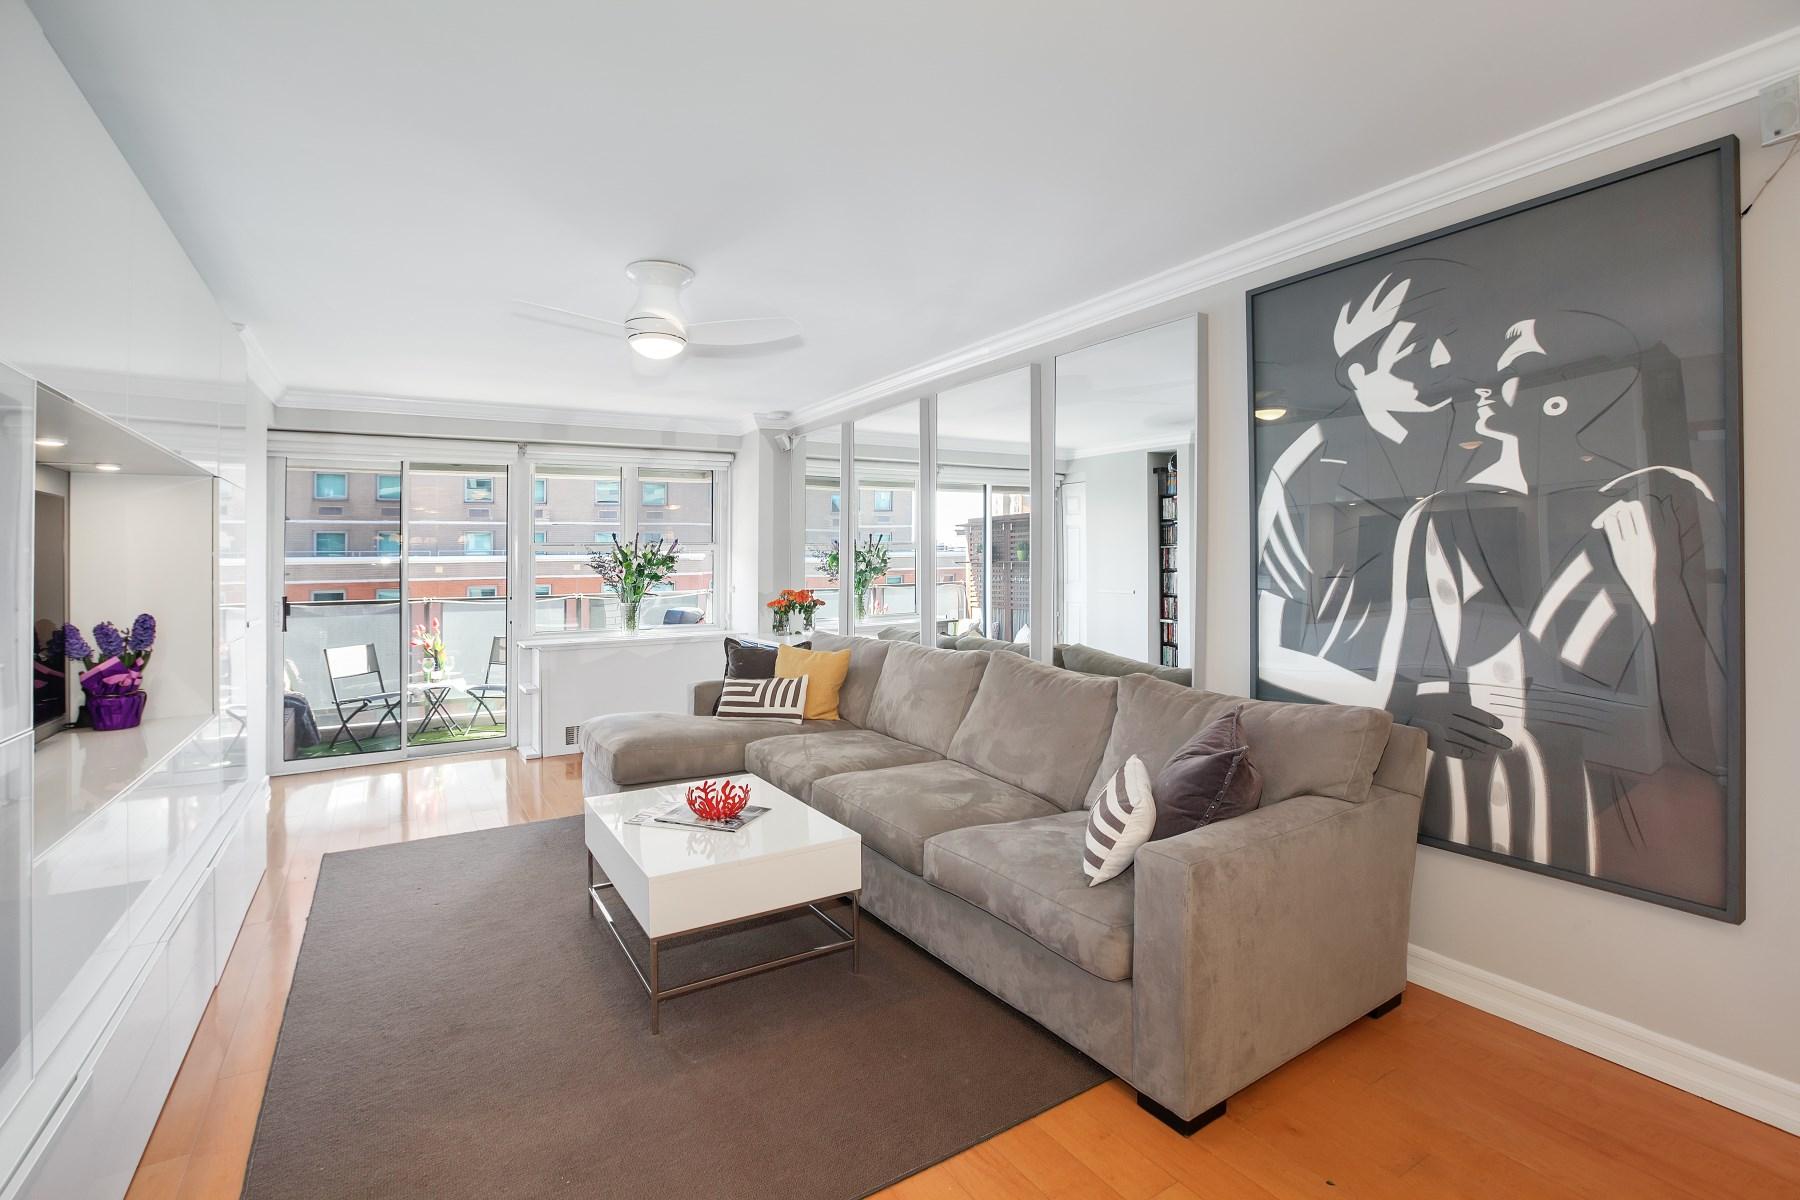 合作公寓 为 销售 在 Prime Village Modern Appeal 115 East 9th Street Apt 7E 纽约, 纽约州, 10003 美国